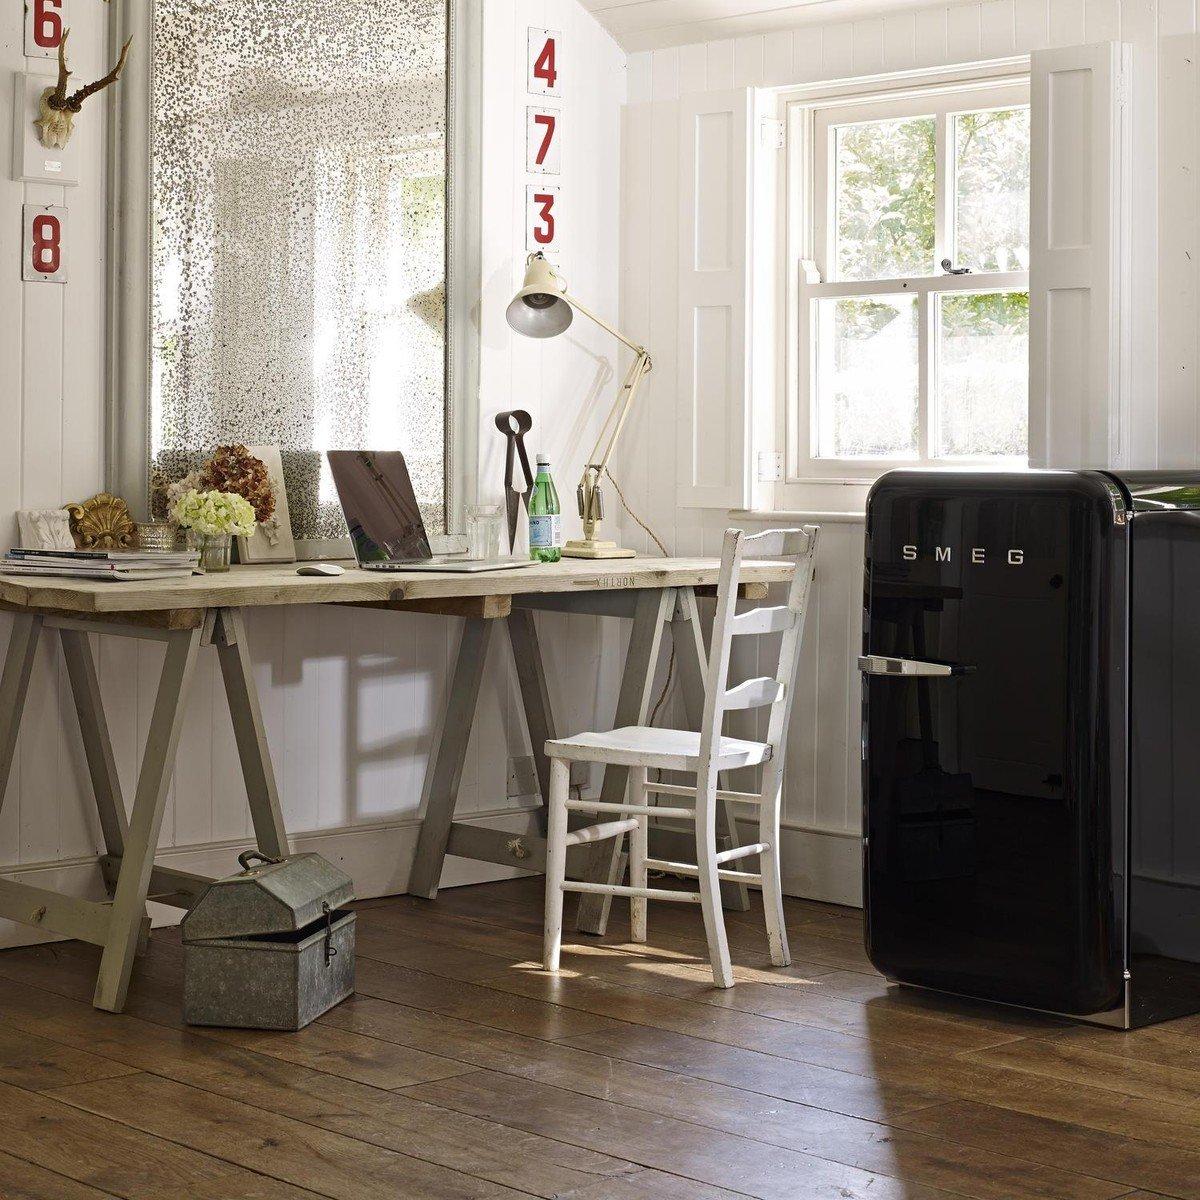 SMEG FAB10 Standkühlschrank | Smeg | AmbienteDirect.com